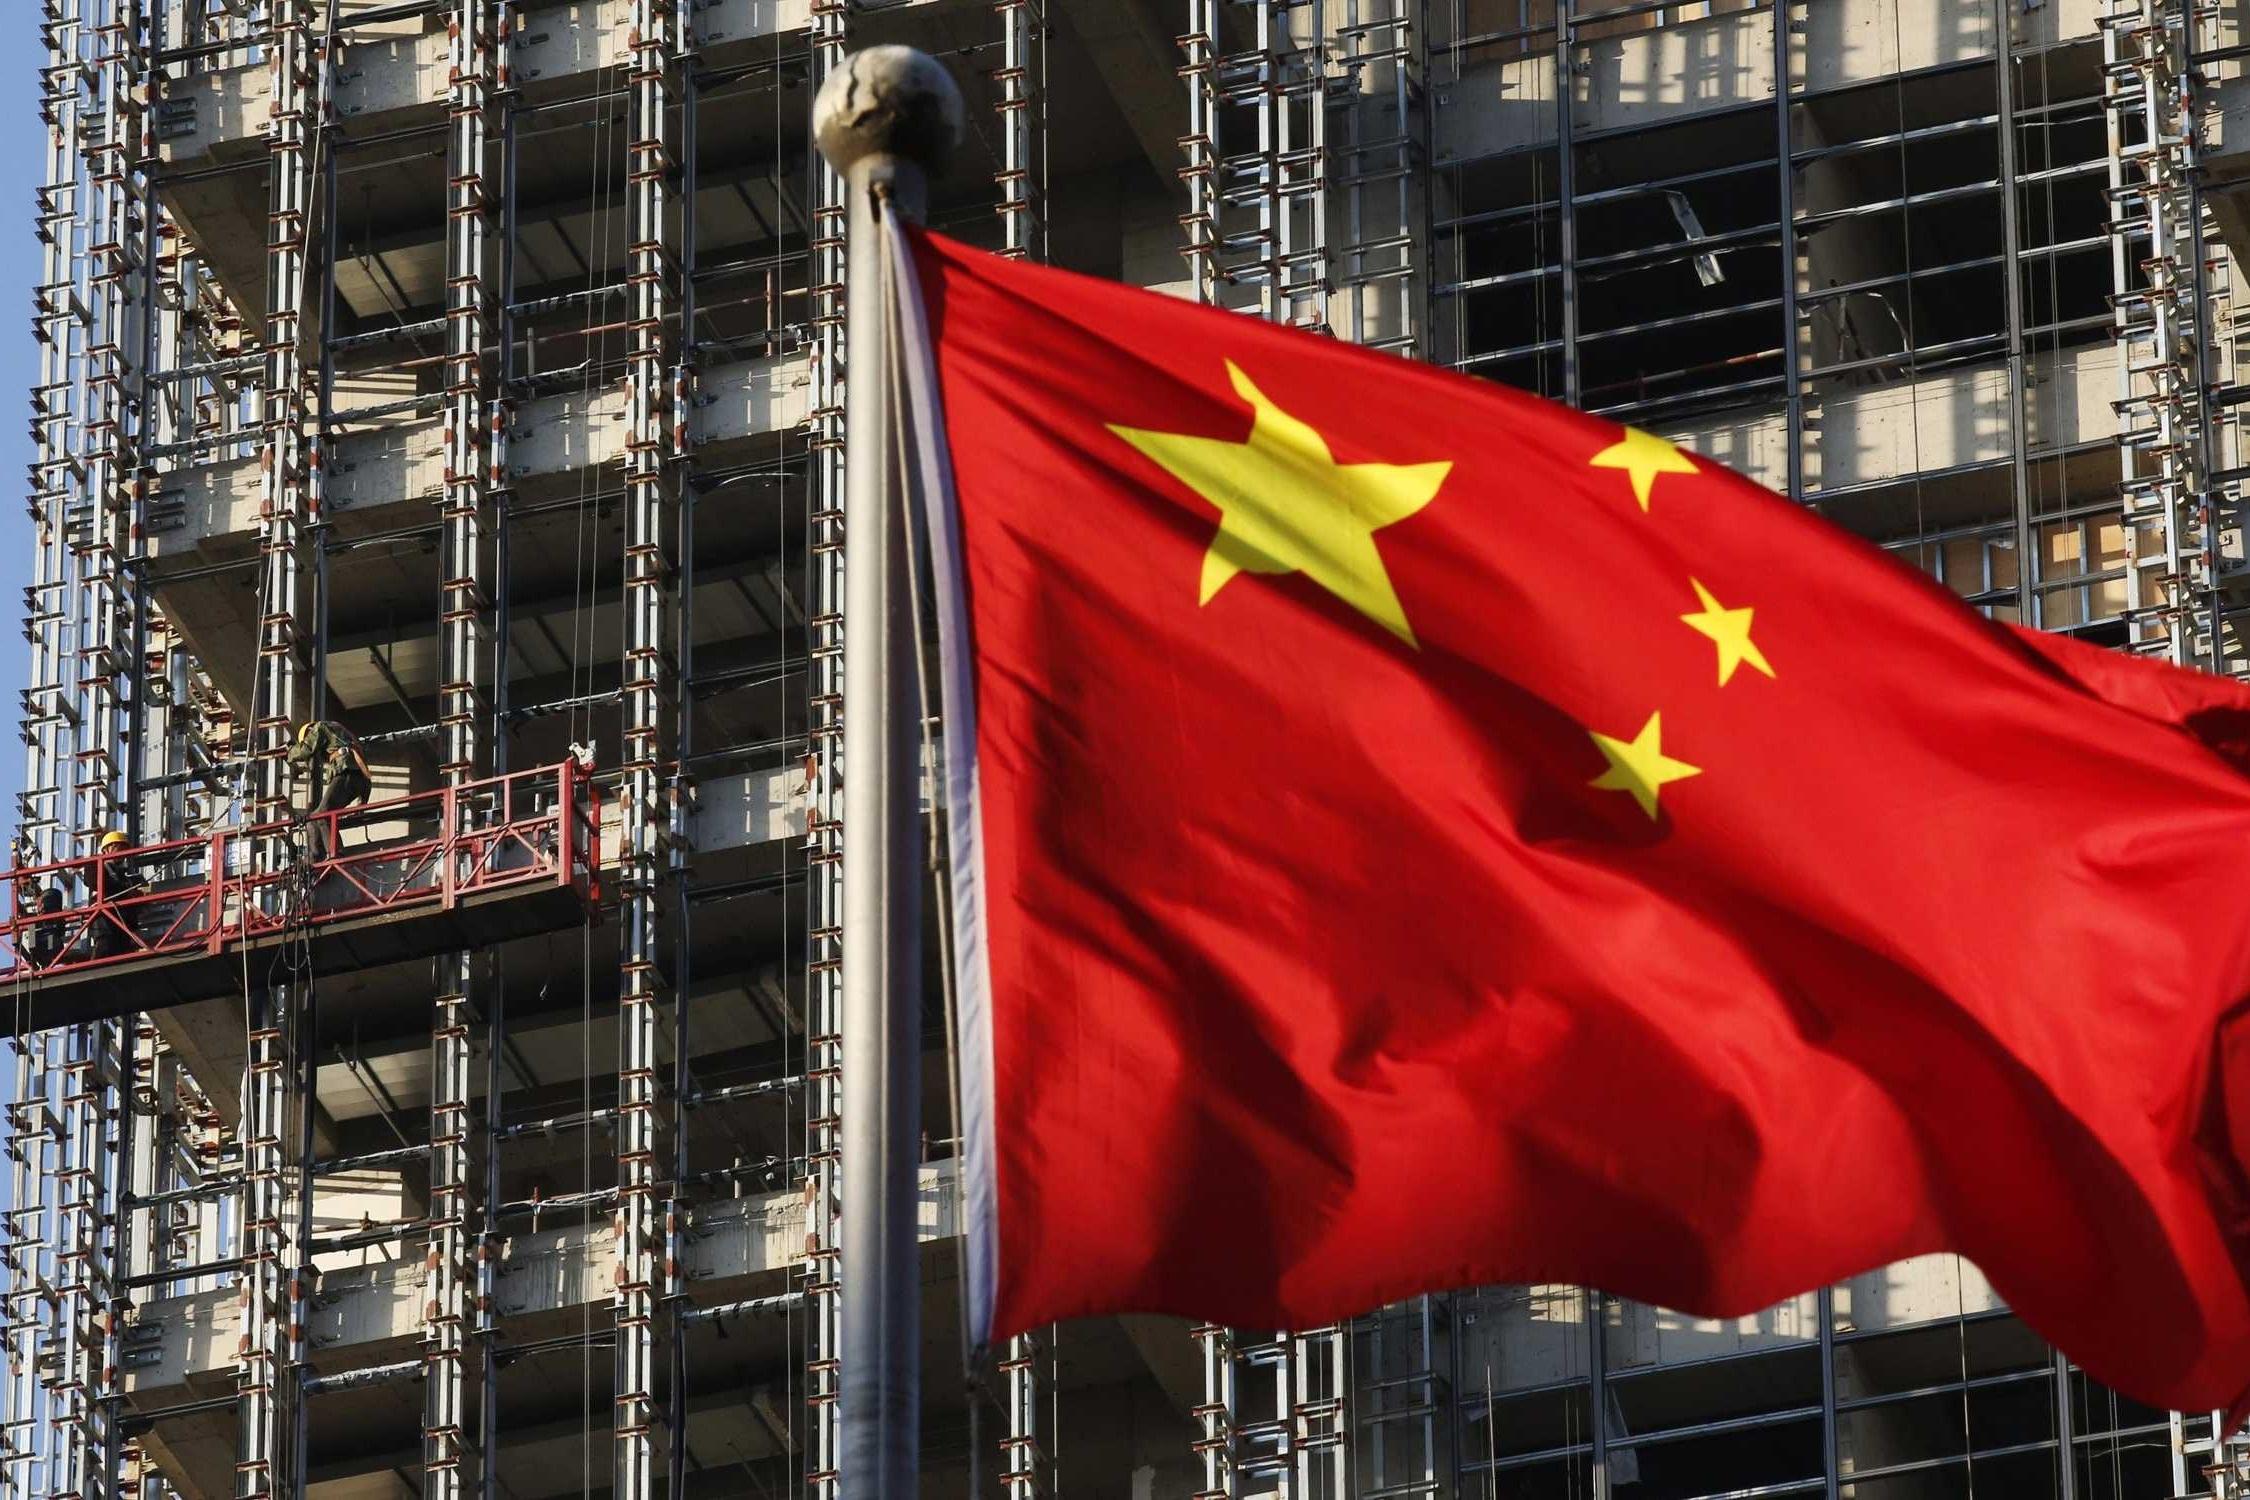 چین درباره دخالت در امور هنگ کنگ به کانادا هشدار داد